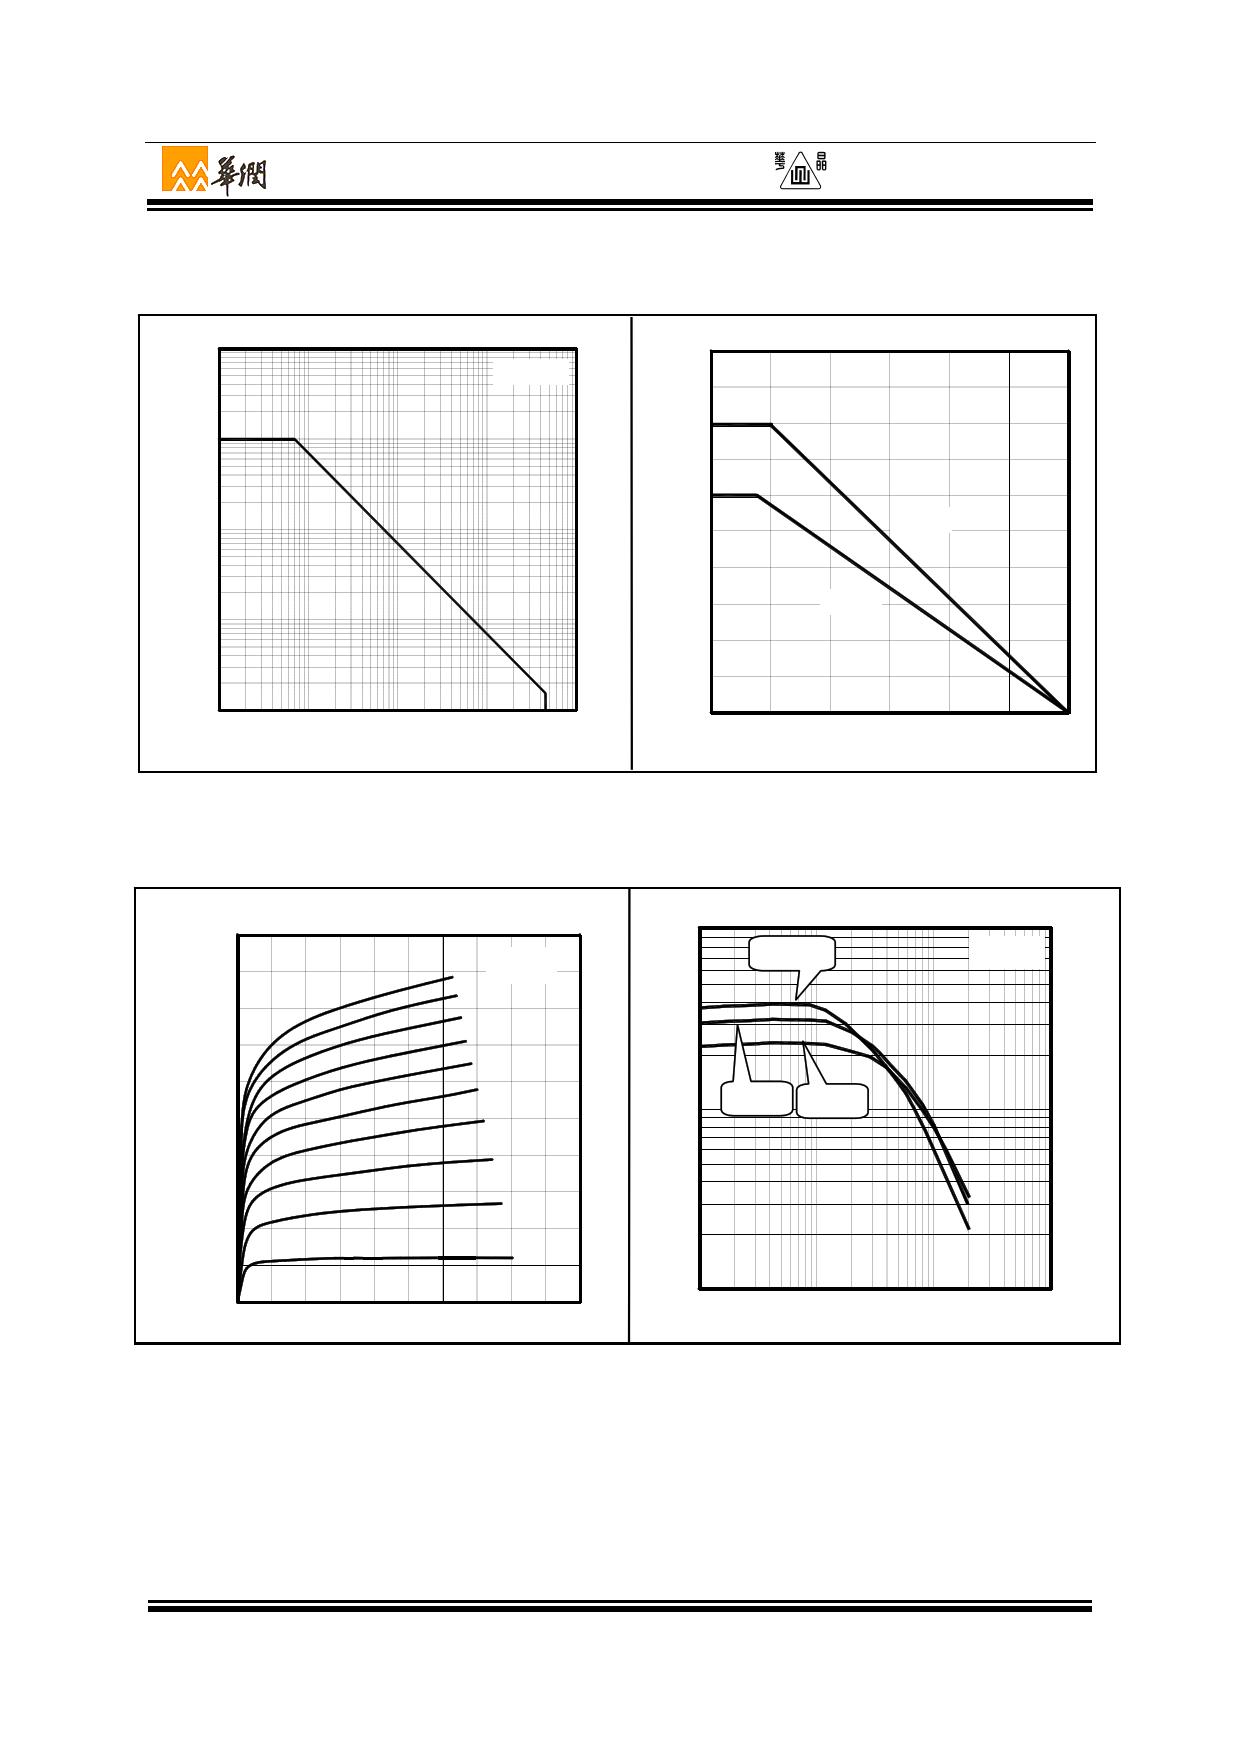 3DD3015A1 pdf, ピン配列